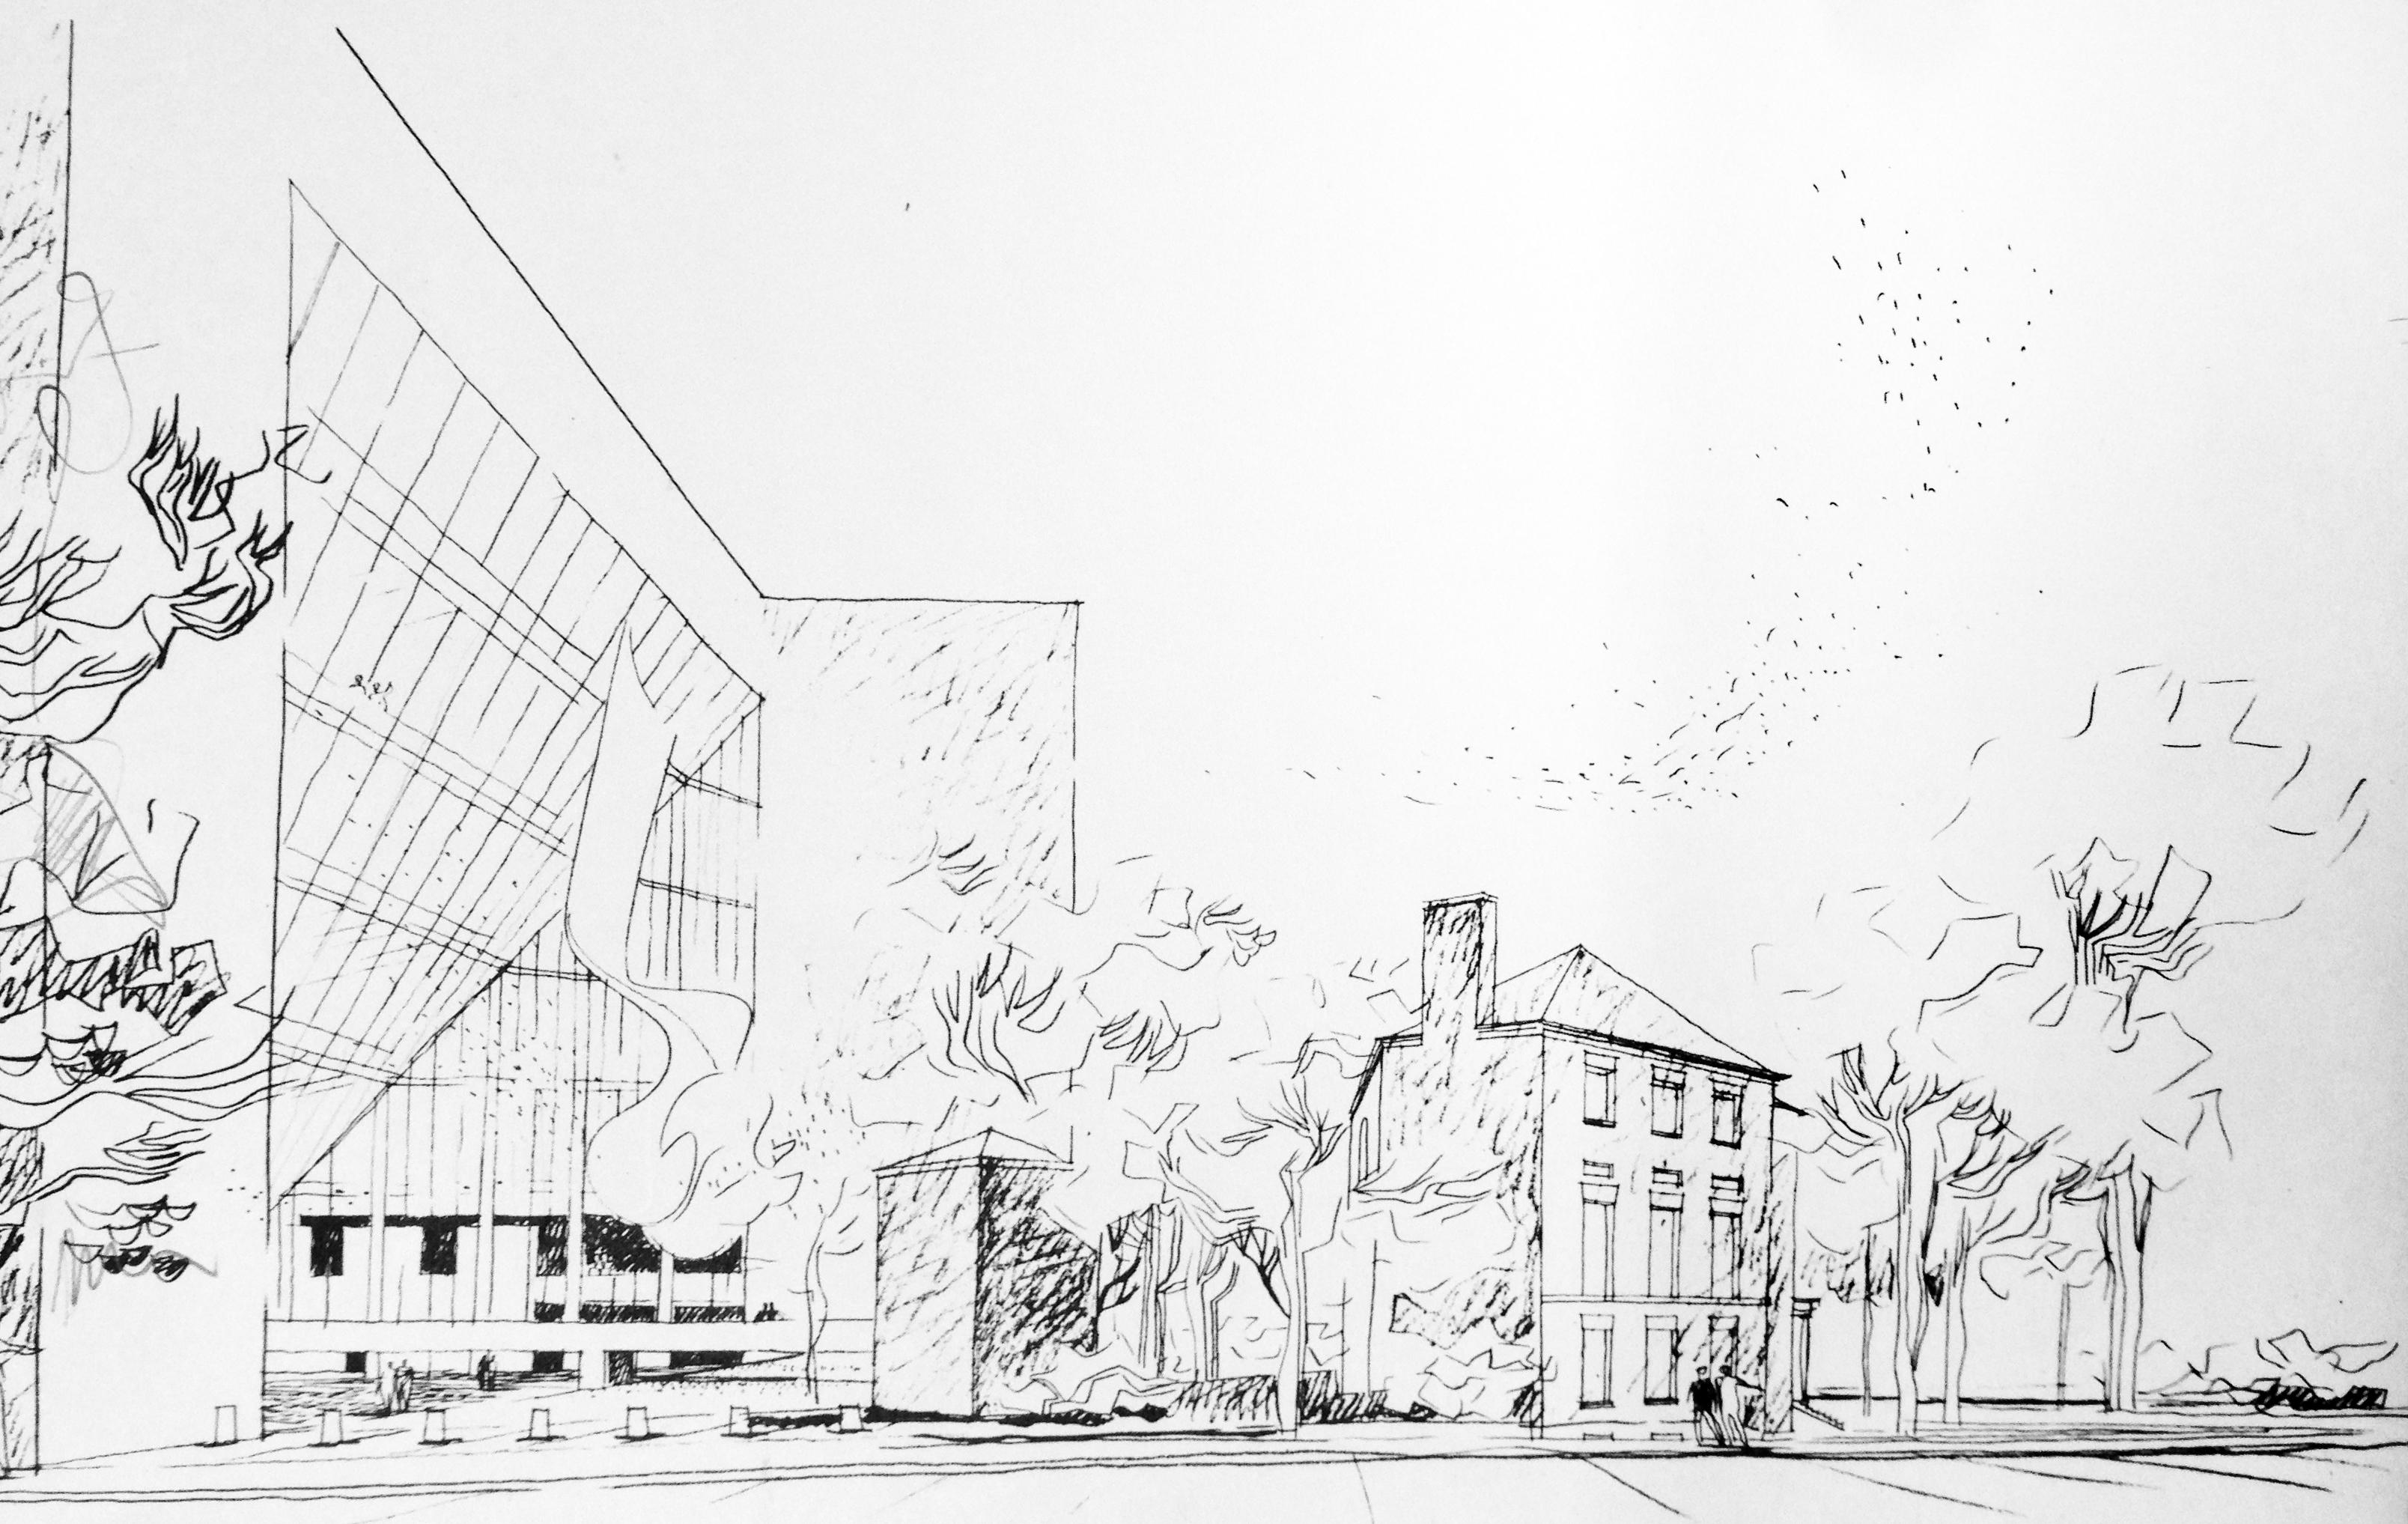 Libros Para Aprender A Dibujar Arquitectura An Lisis De